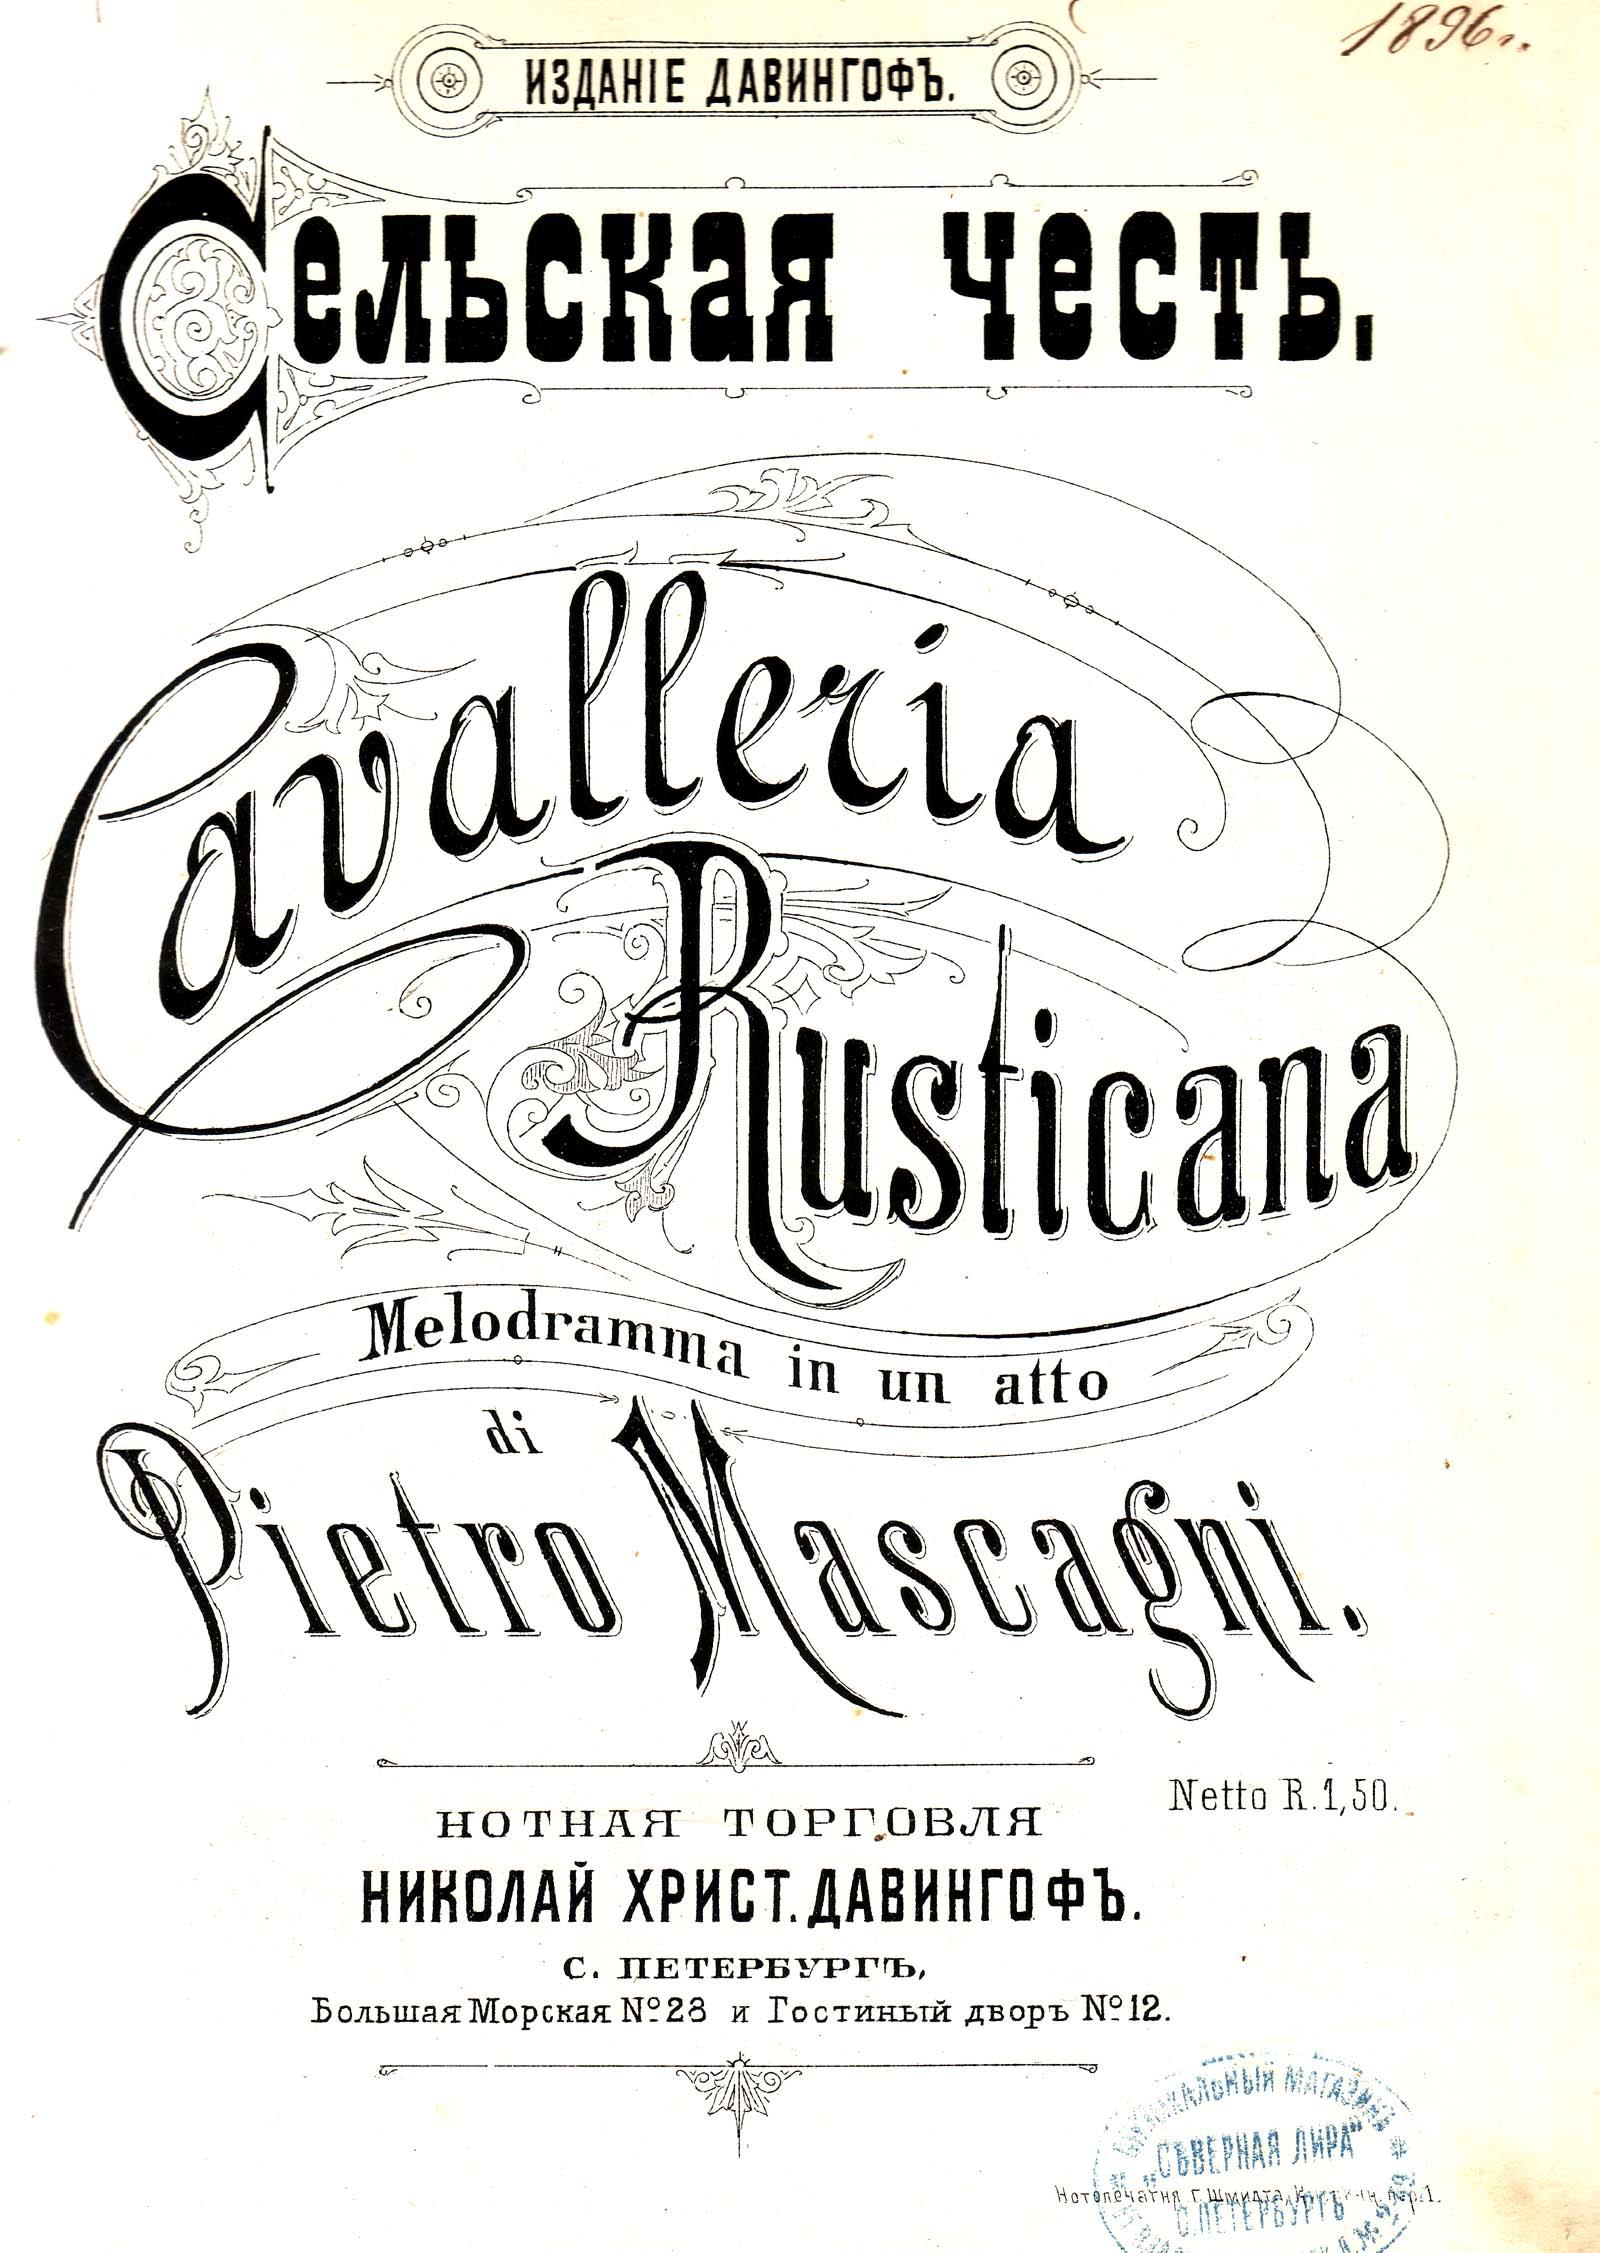 File:Cavalleria rusticana 1.jpg - Wikipedia